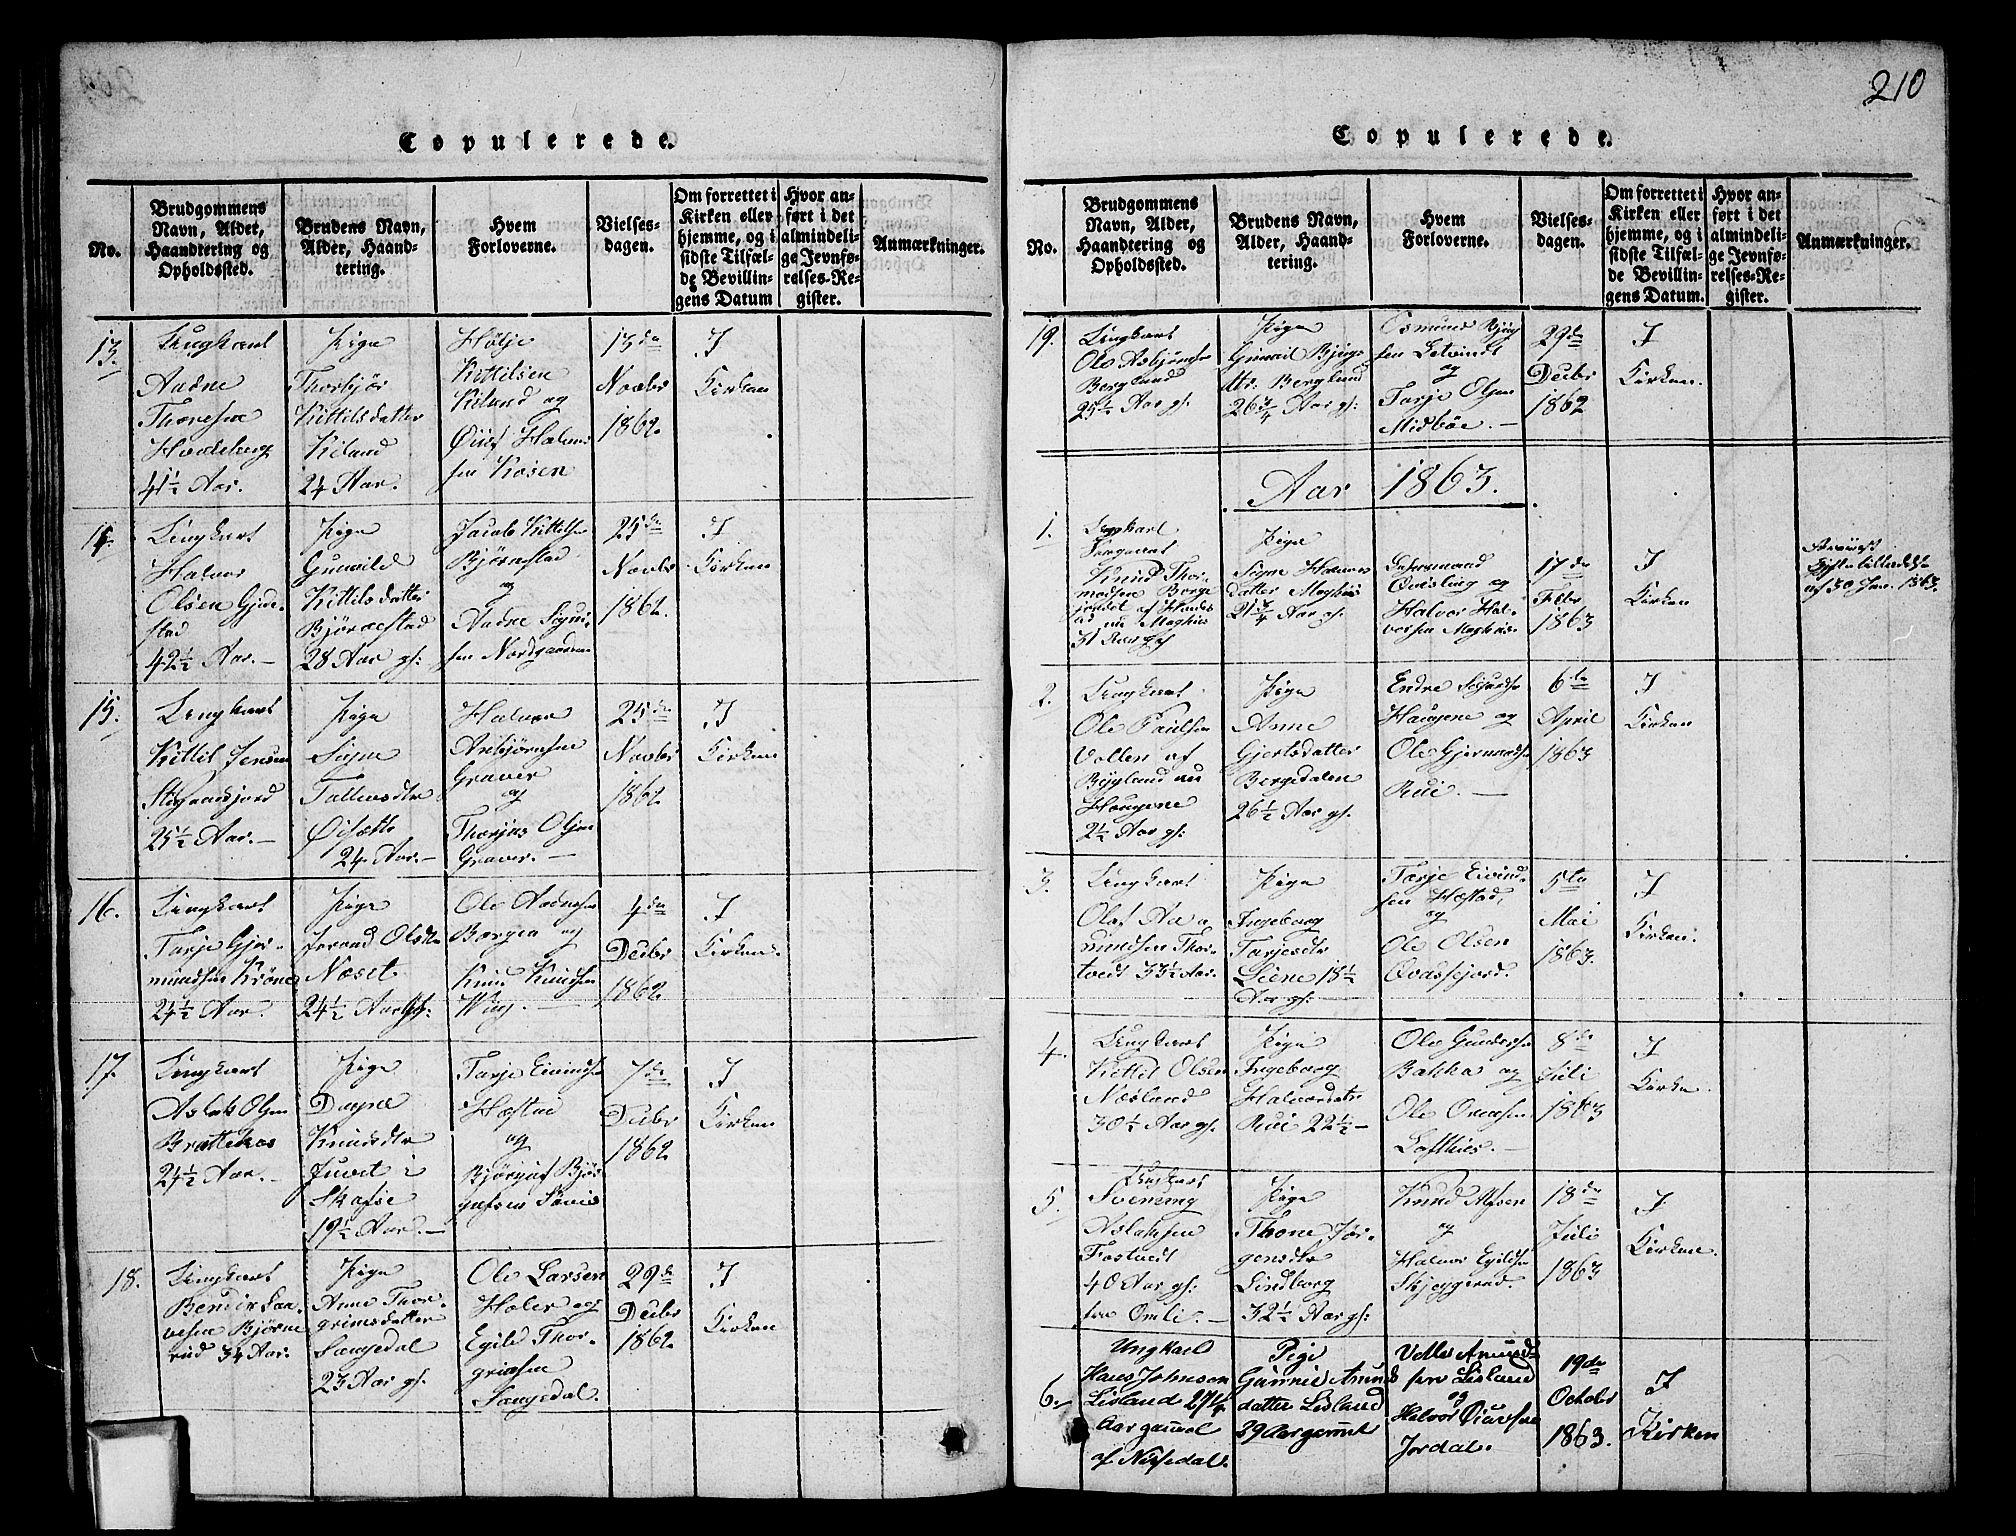 SAKO, Fyresdal kirkebøker, G/Ga/L0003: Klokkerbok nr. I 3, 1815-1863, s. 210